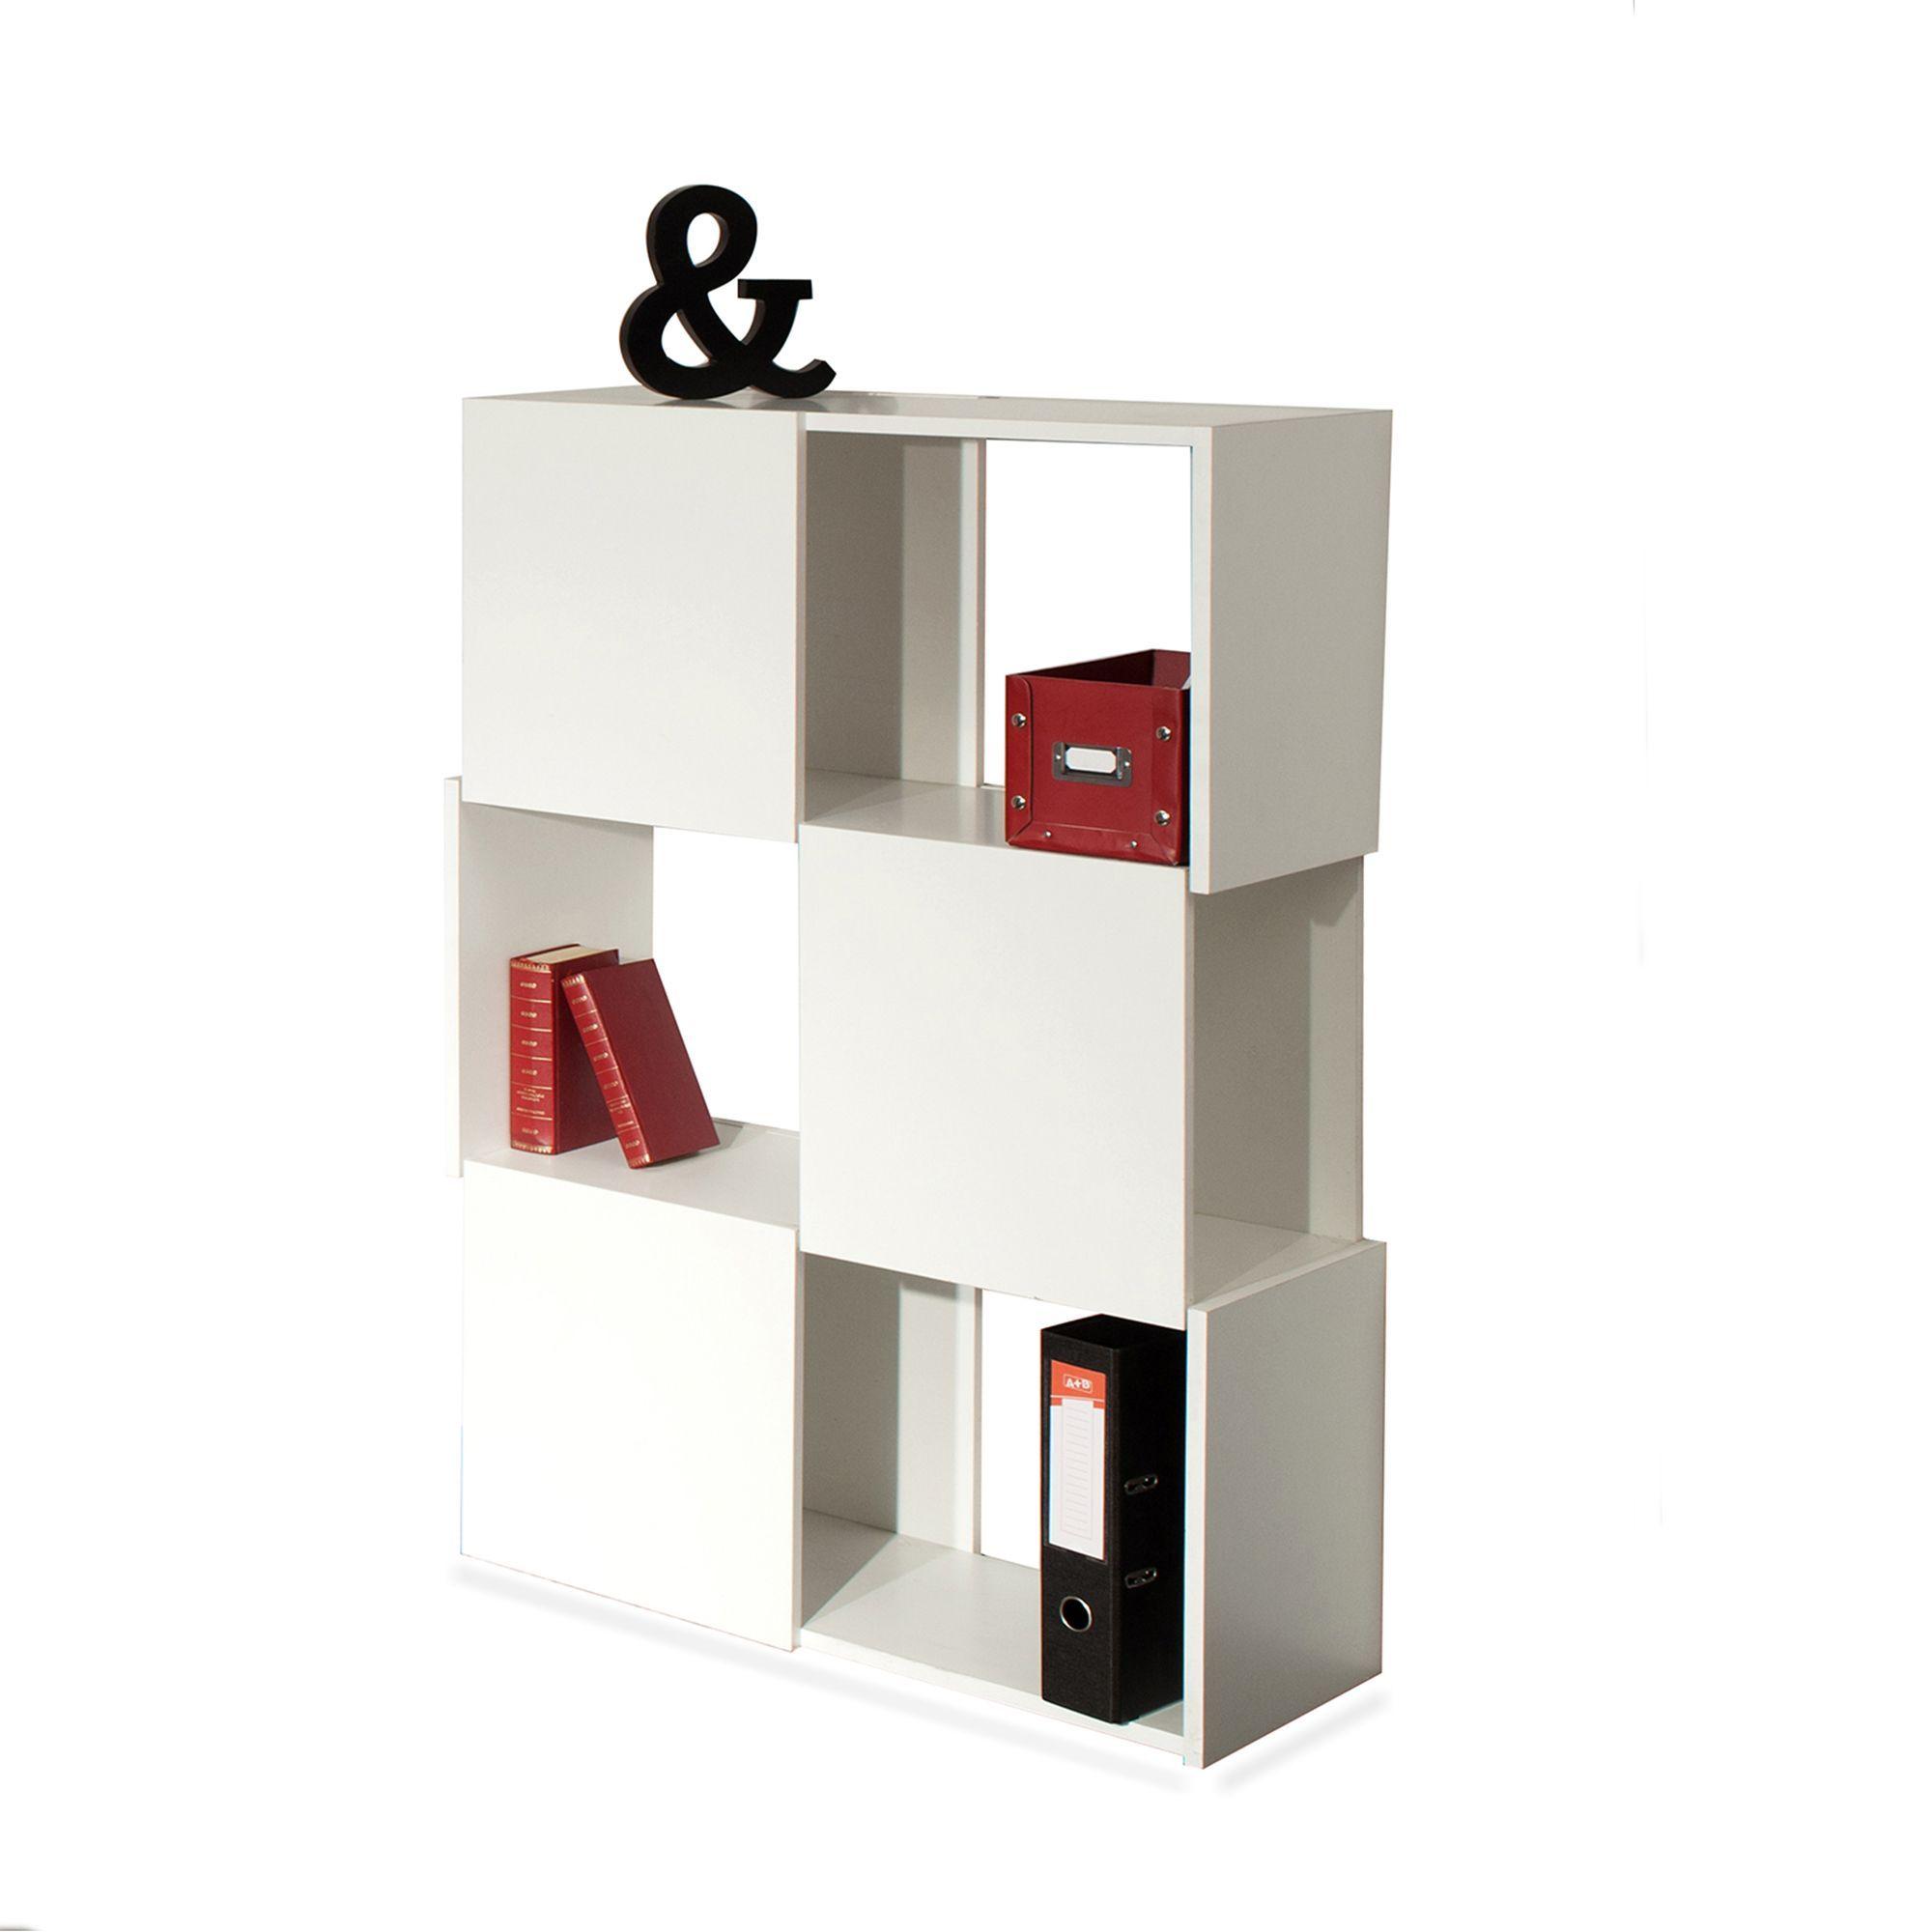 meuble alinea salon best fauteuil de jardin esprit rtro bleu bleunoir mahonia les canaps et. Black Bedroom Furniture Sets. Home Design Ideas